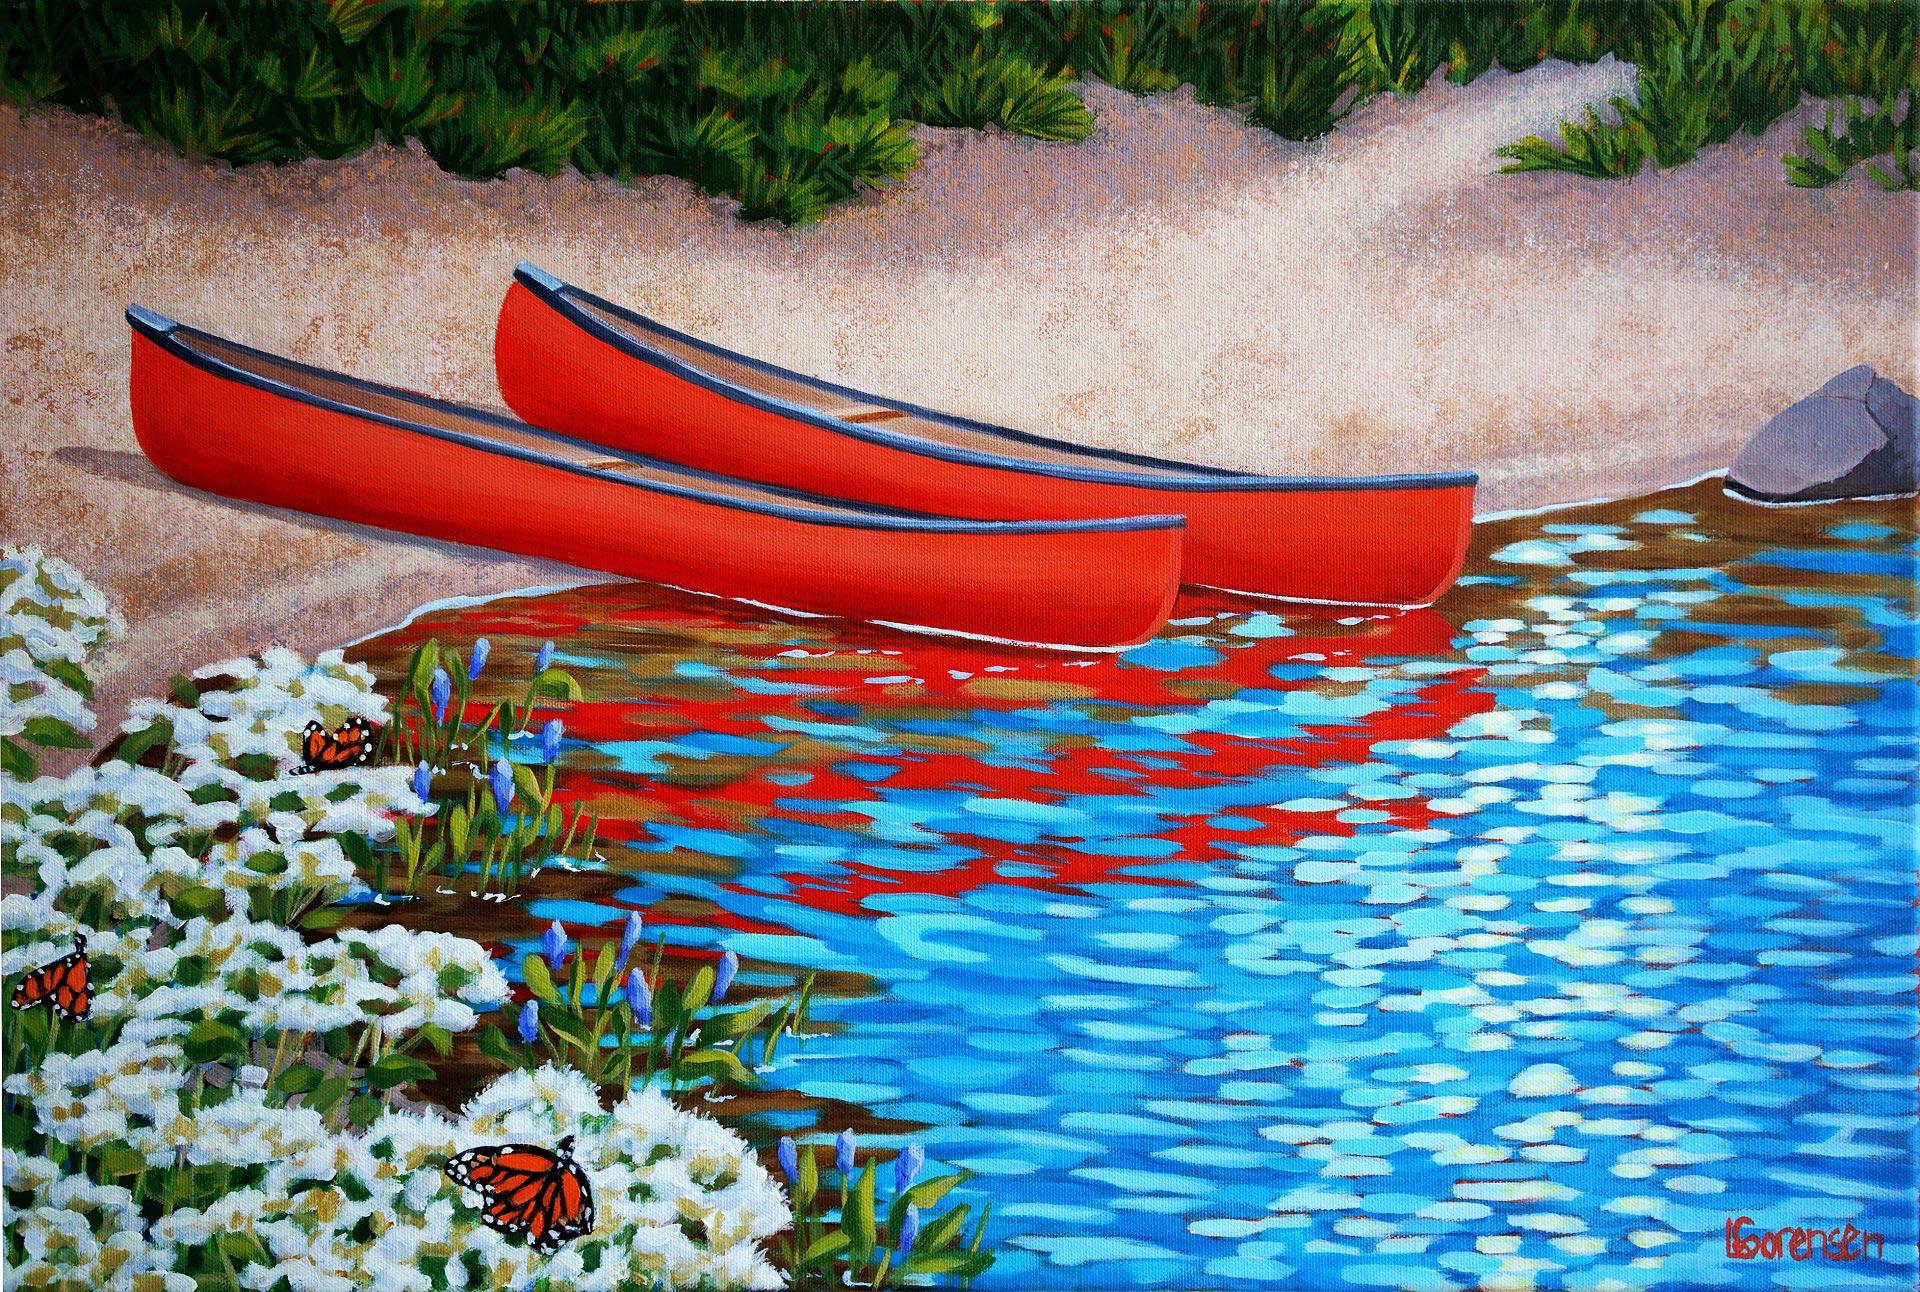 Linda Sorensen, Artist